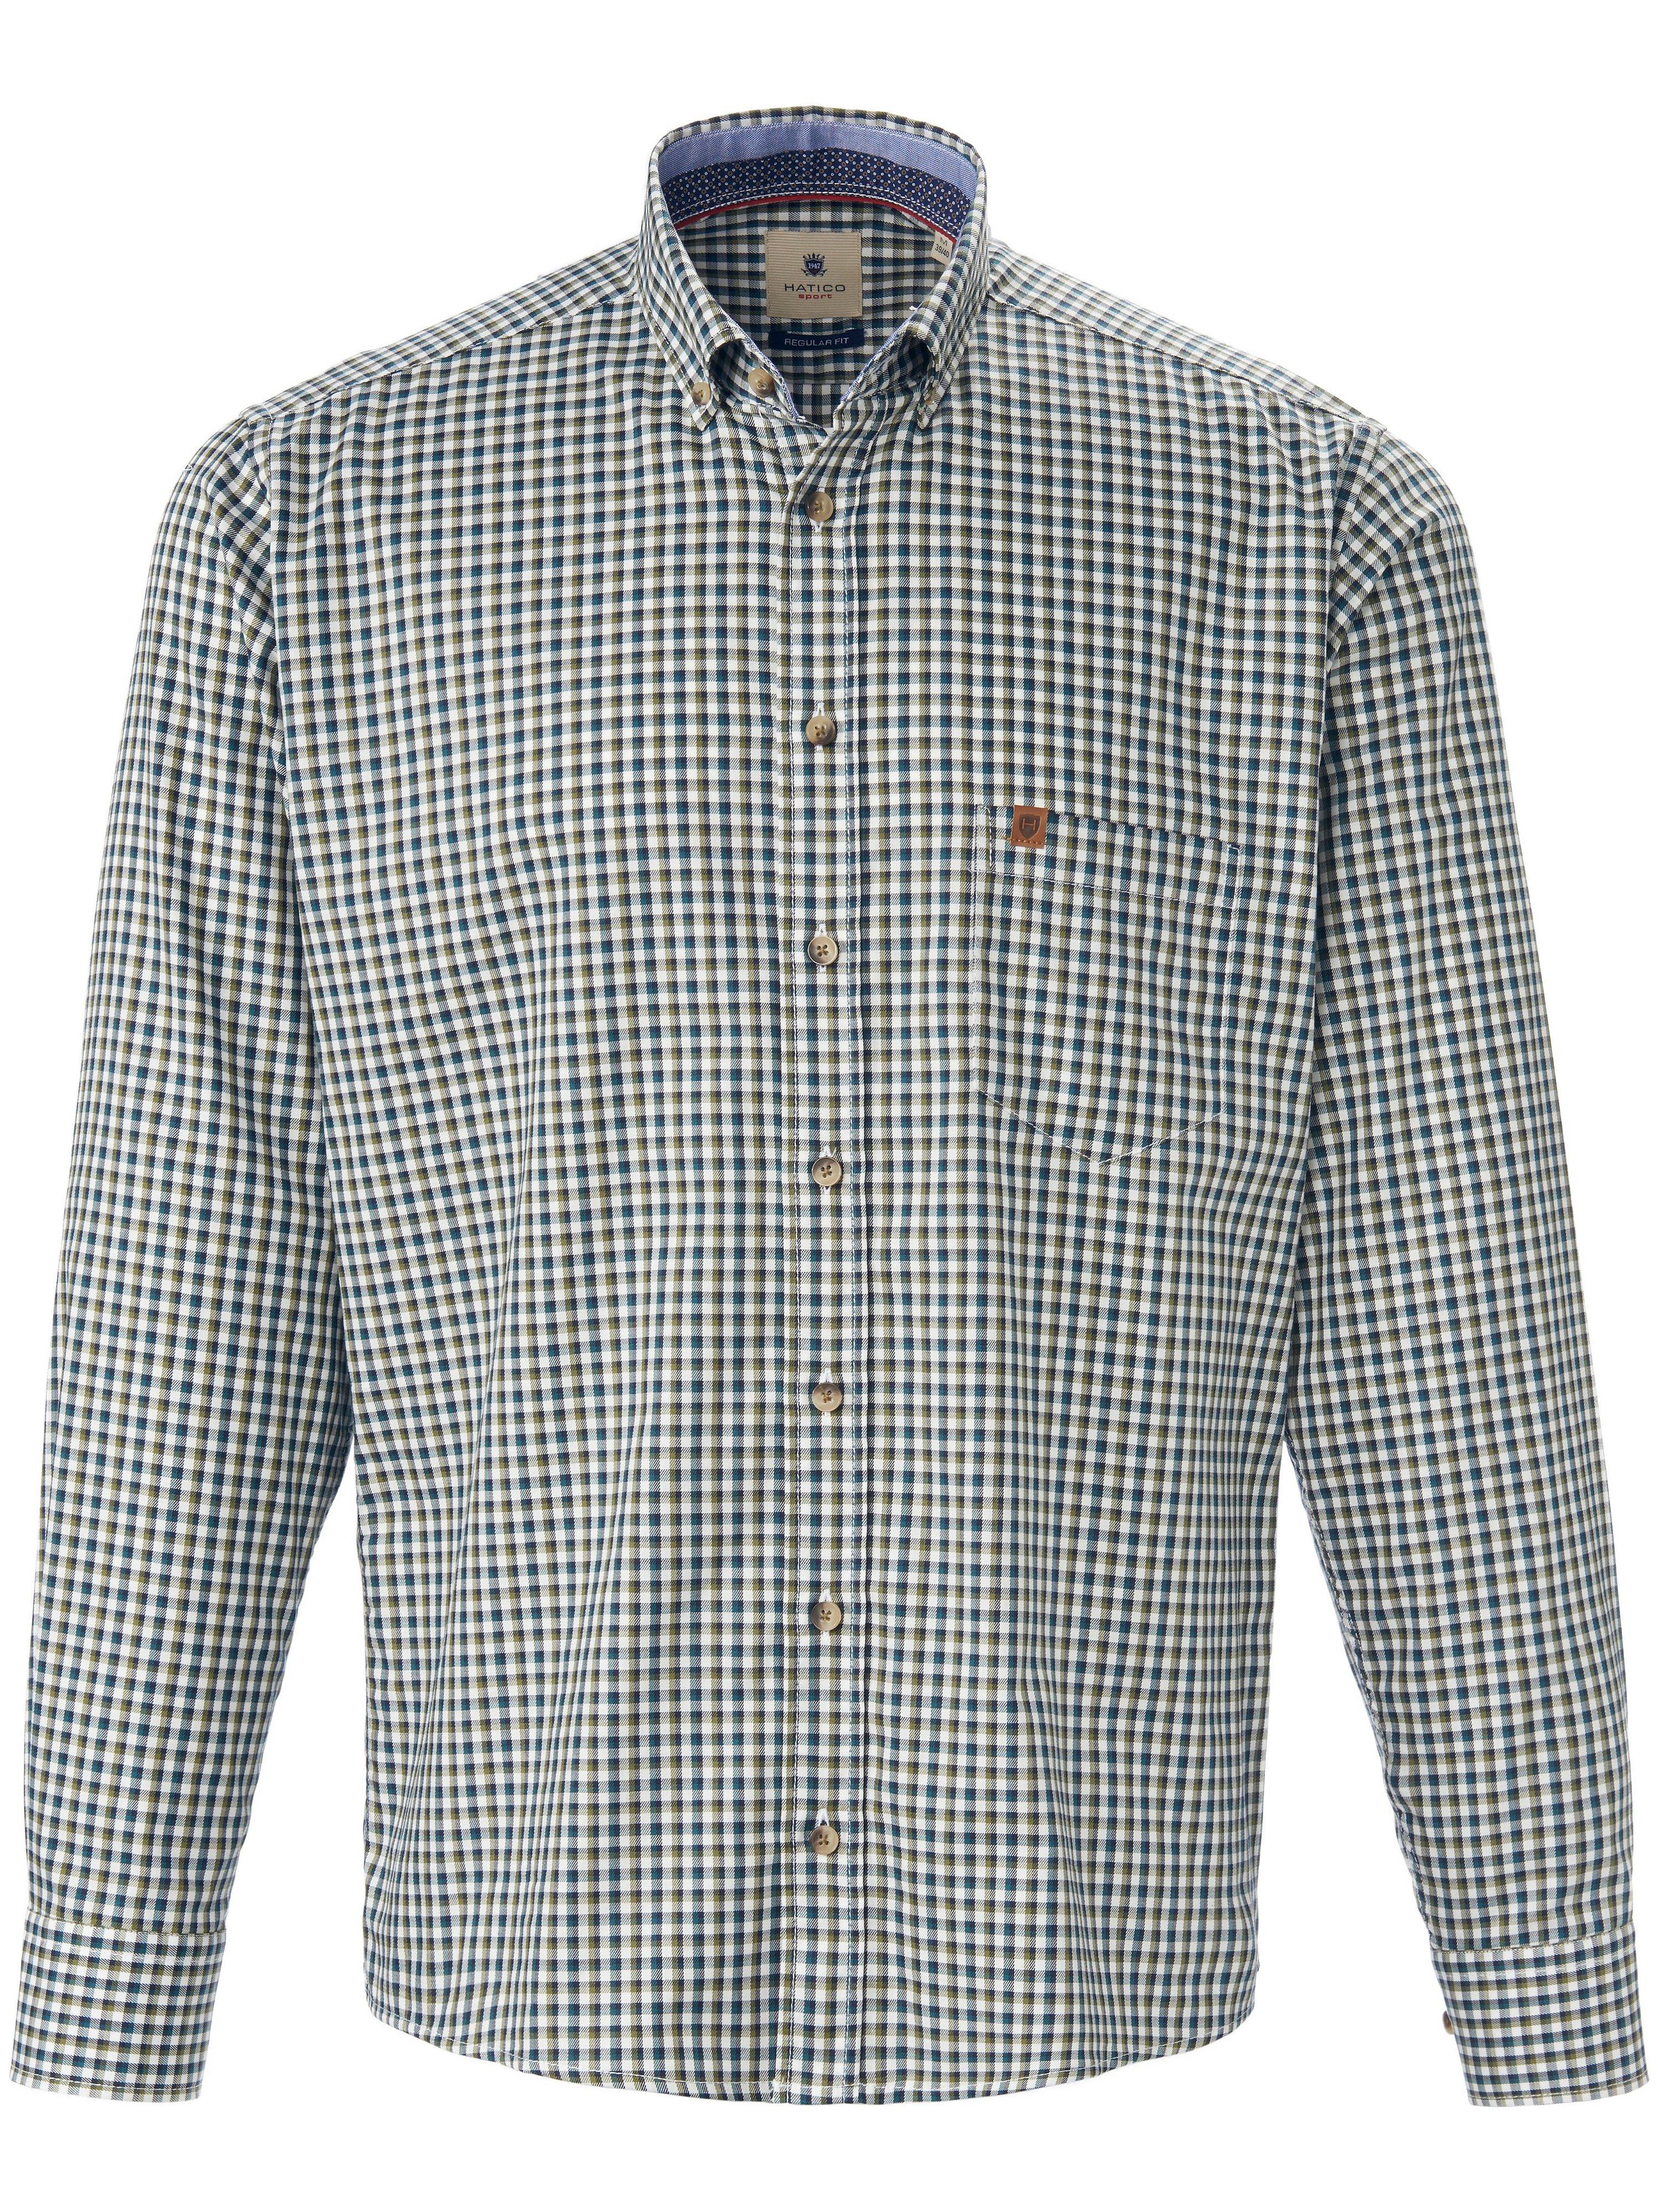 Overhemd 100% katoen Van Hatico Sports groen